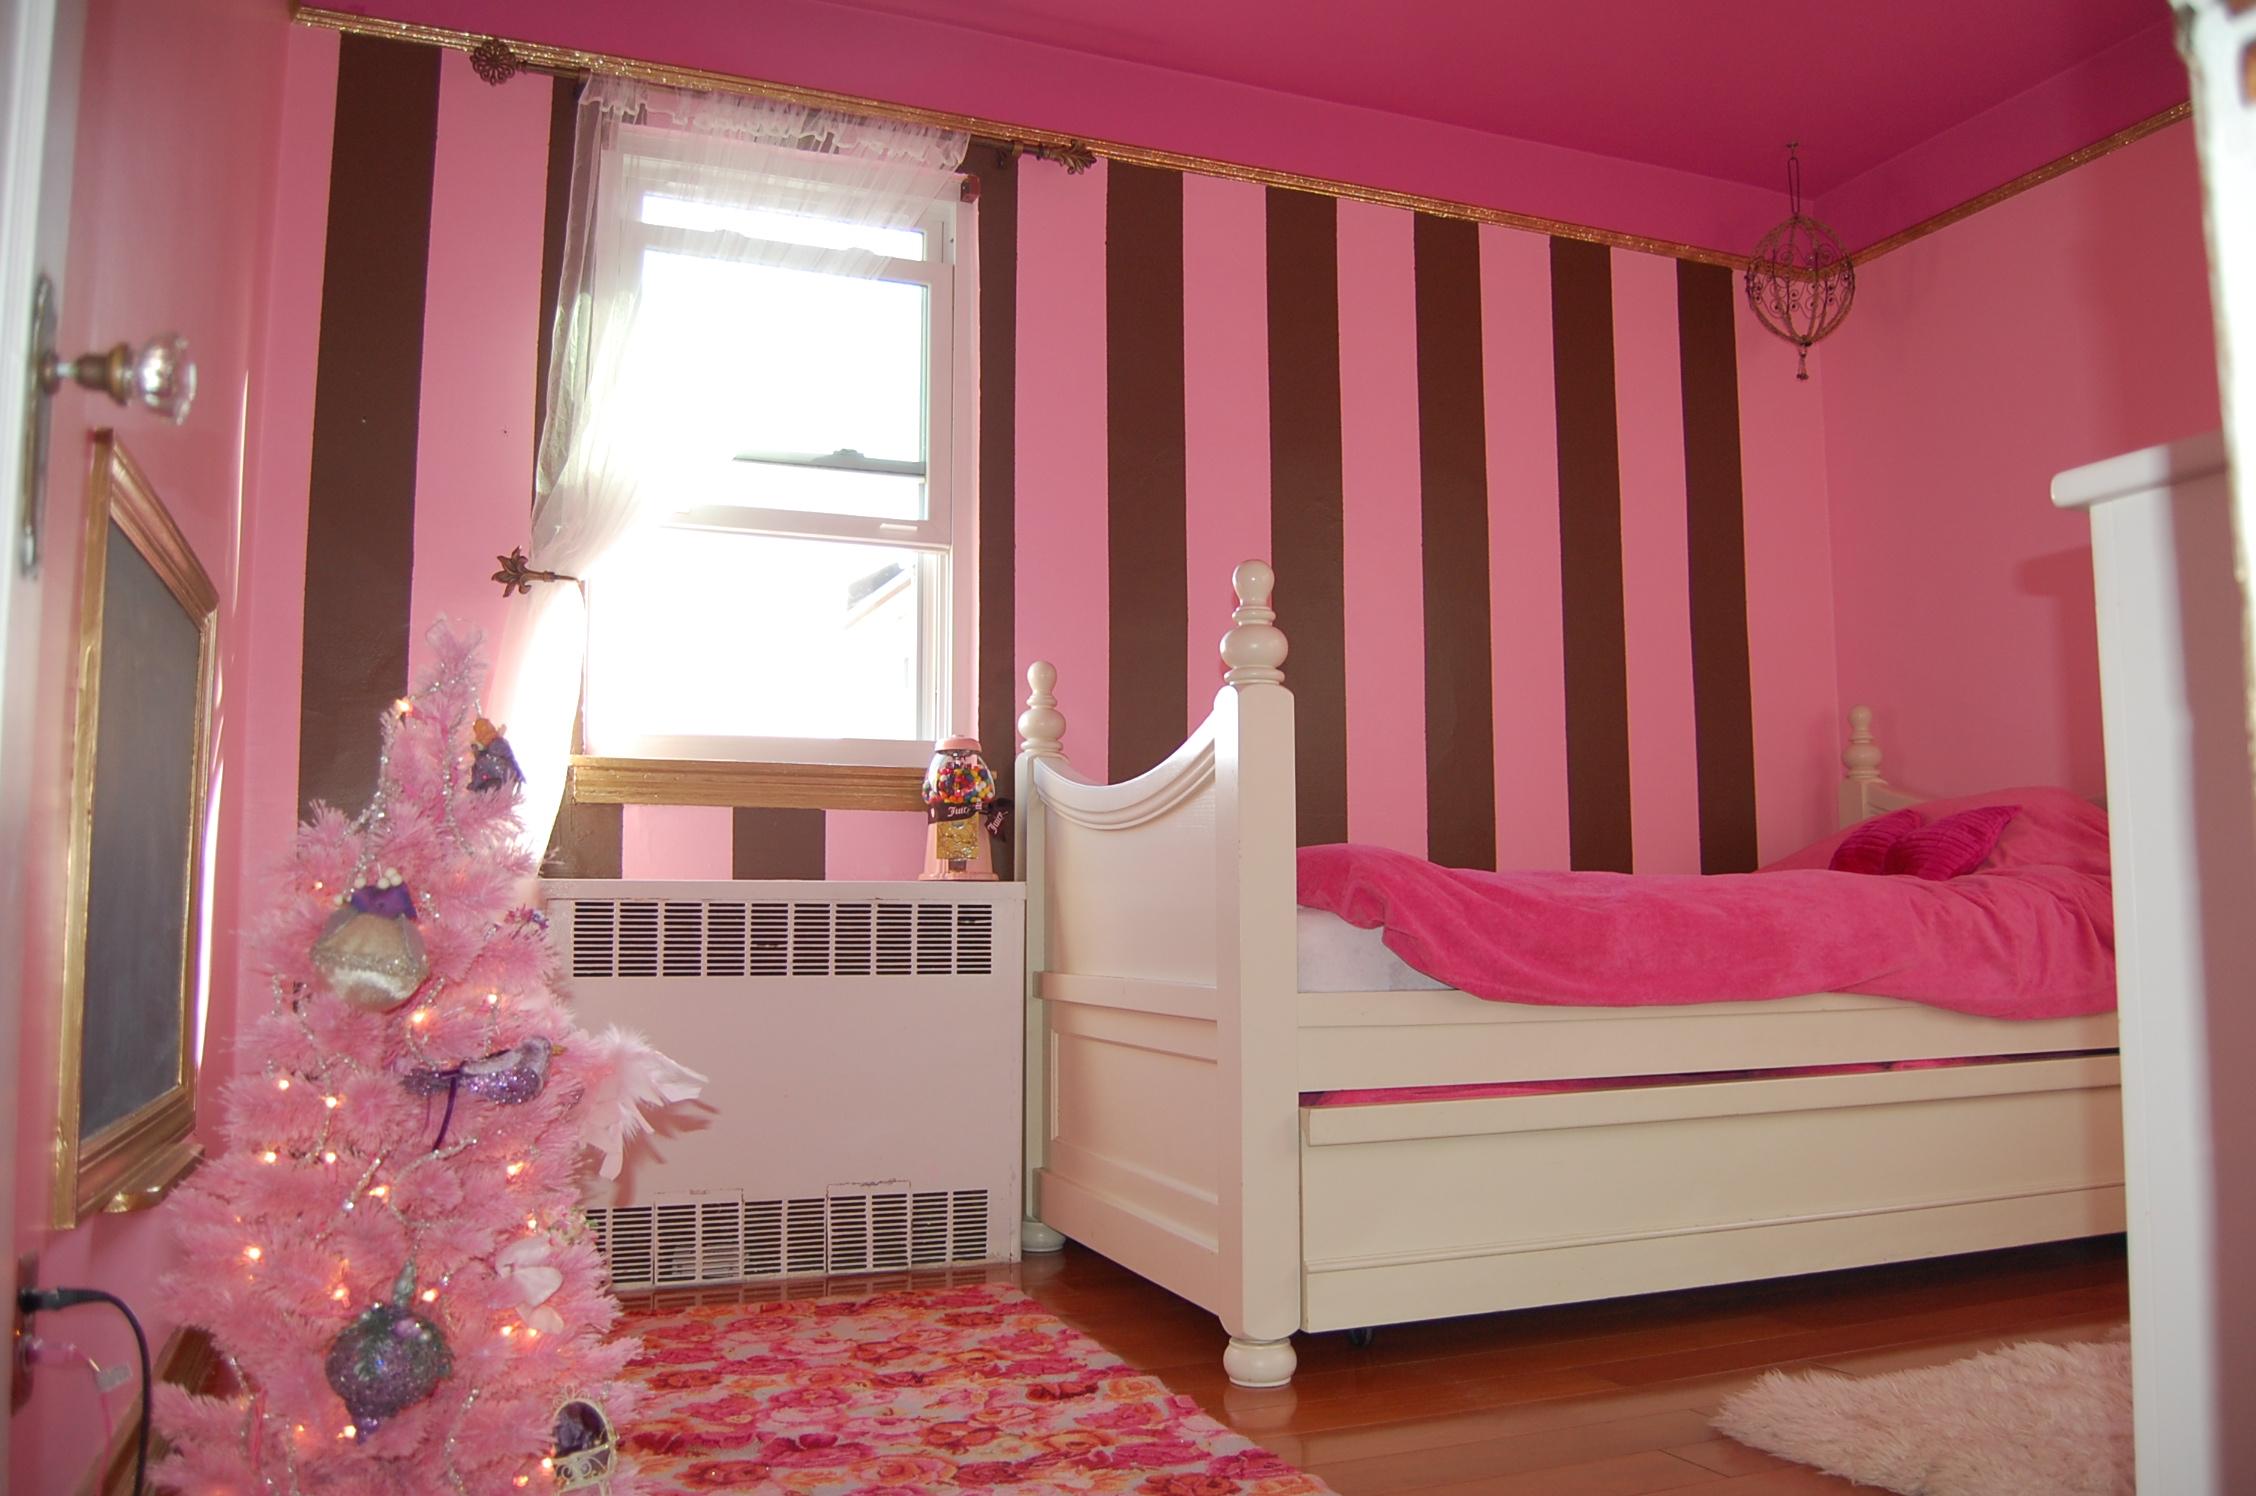 Rug Teenage Girl Bedroom Bedroom Idea Girls Room Wallpaper Bedroom 2256x1496